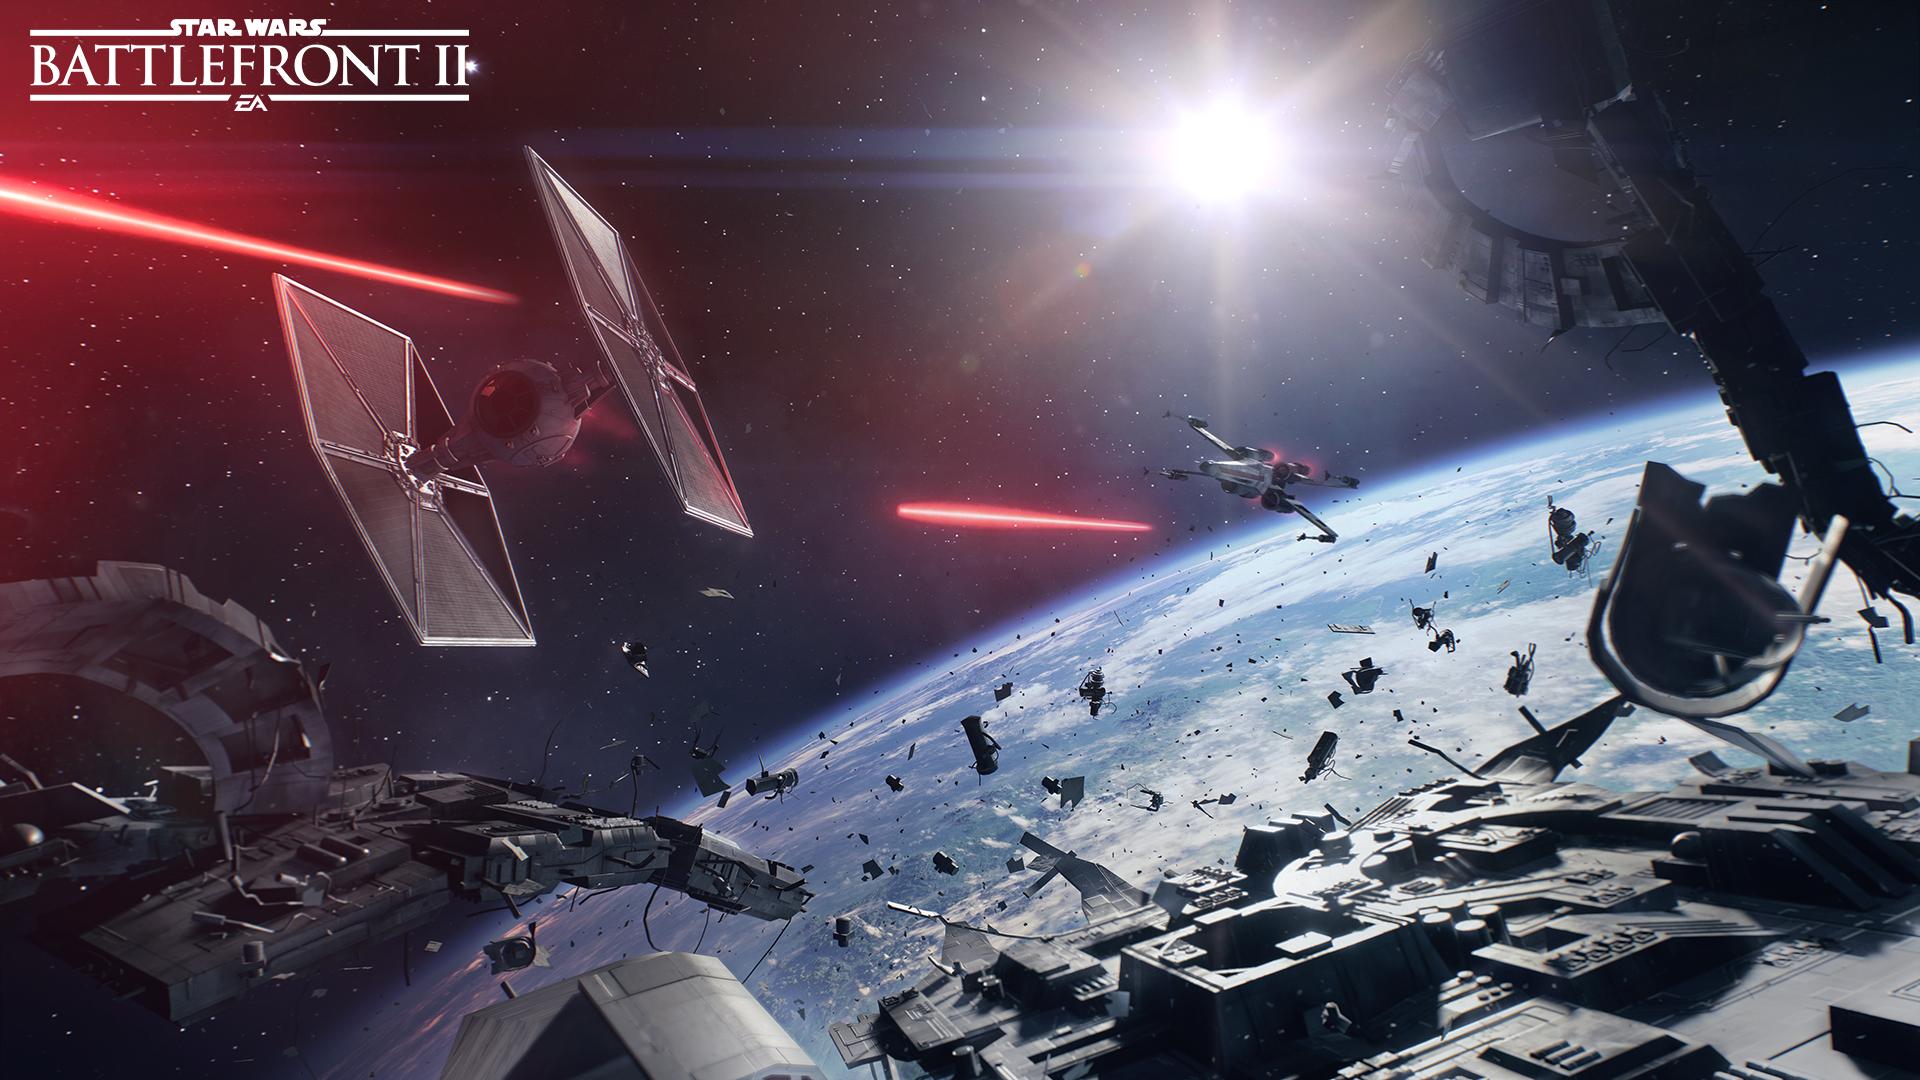 بهروزرسان جدید بازی Star Wars: Battlefront II محتوای جدیدی به آن اضافه میکند